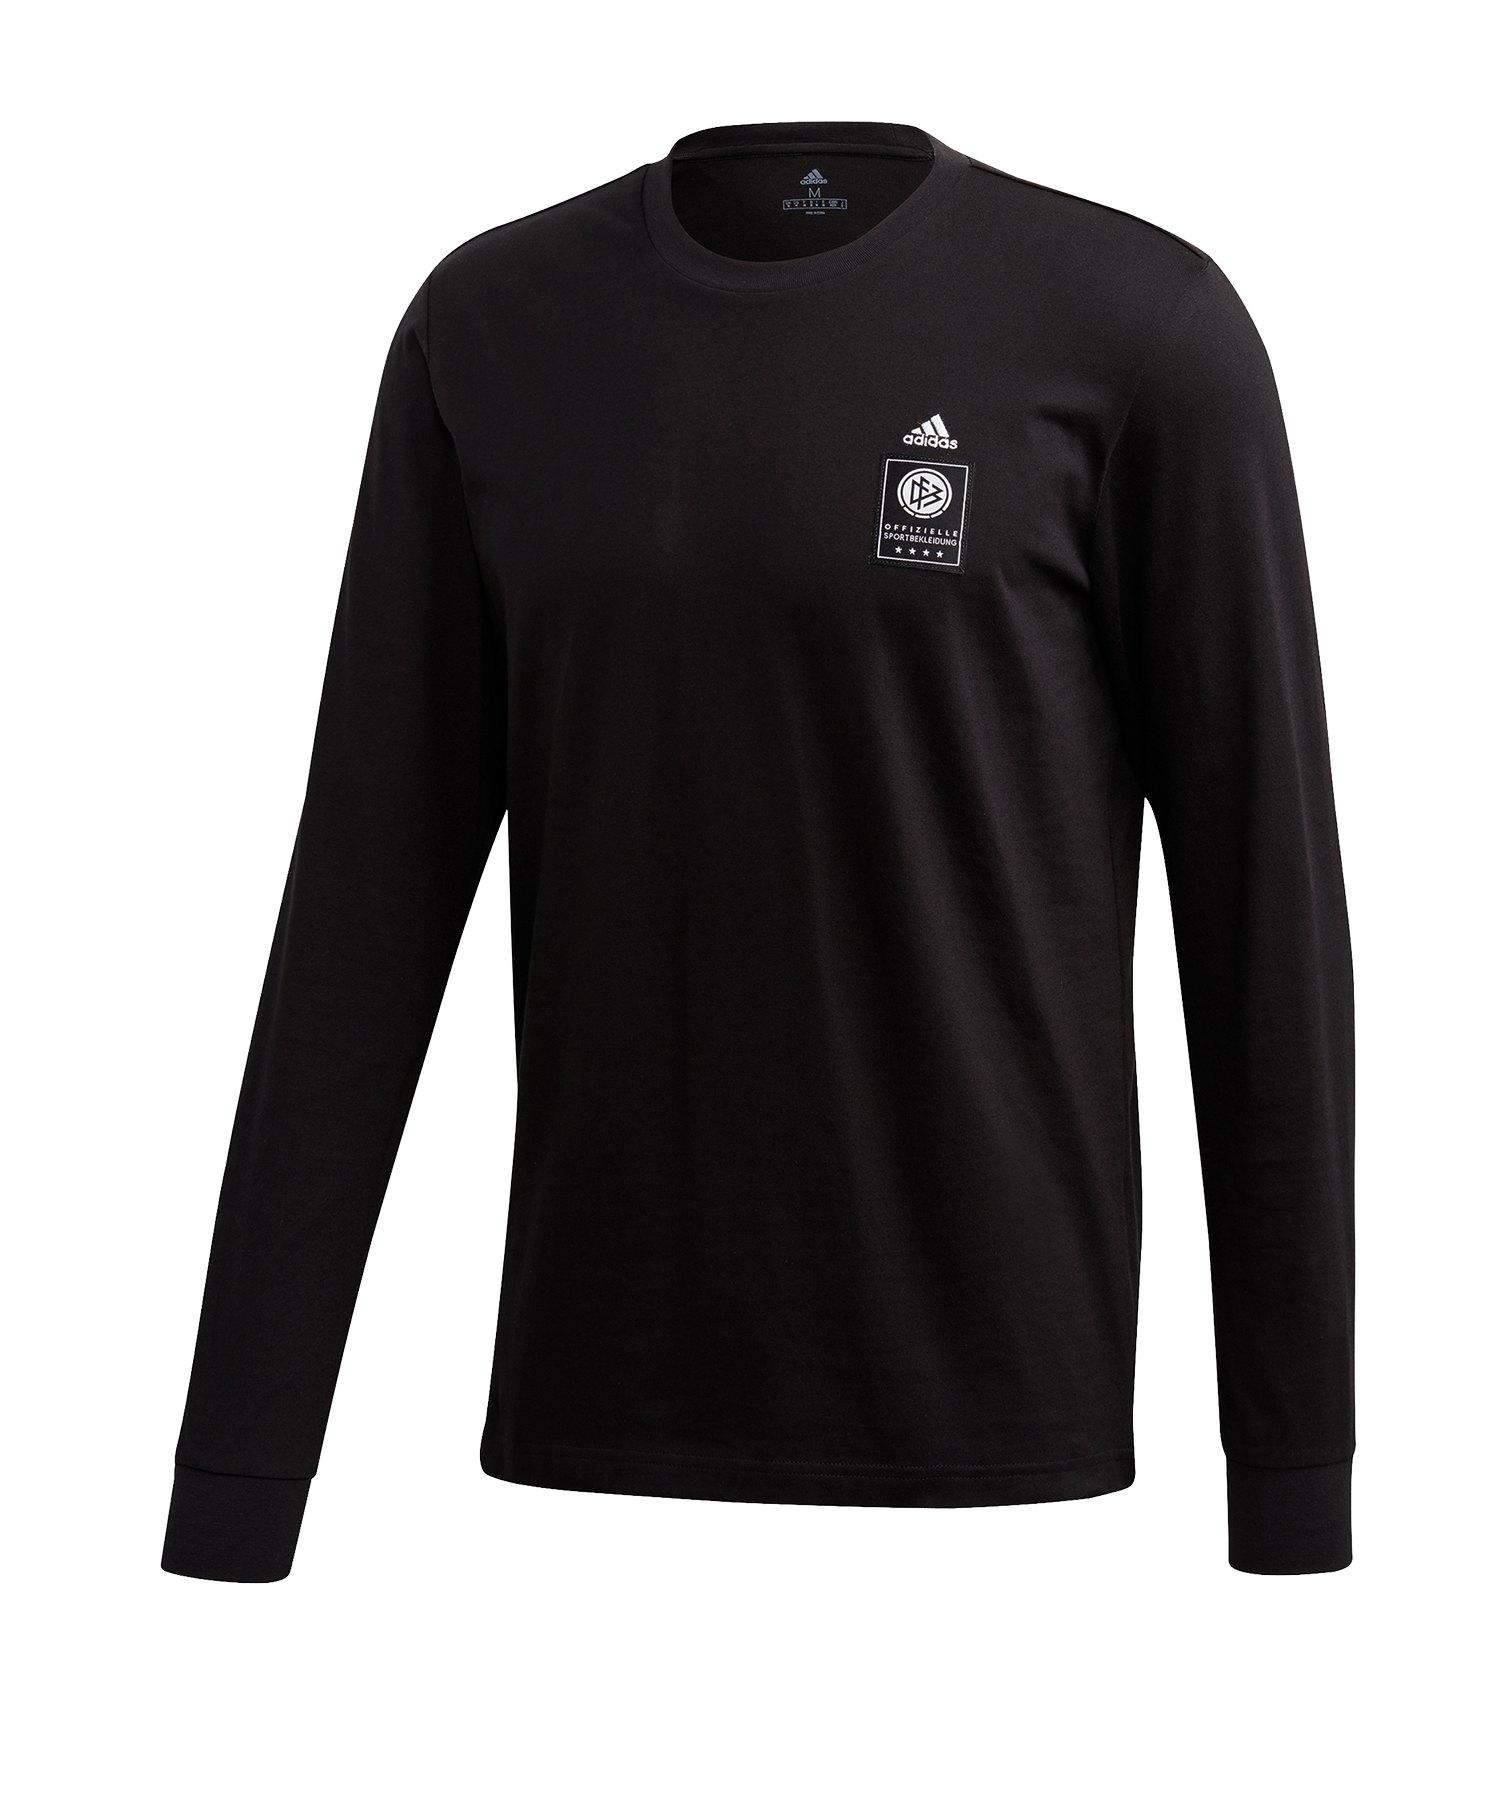 adidas DFB Deutschland Langarmshirt Schwarz - schwarz